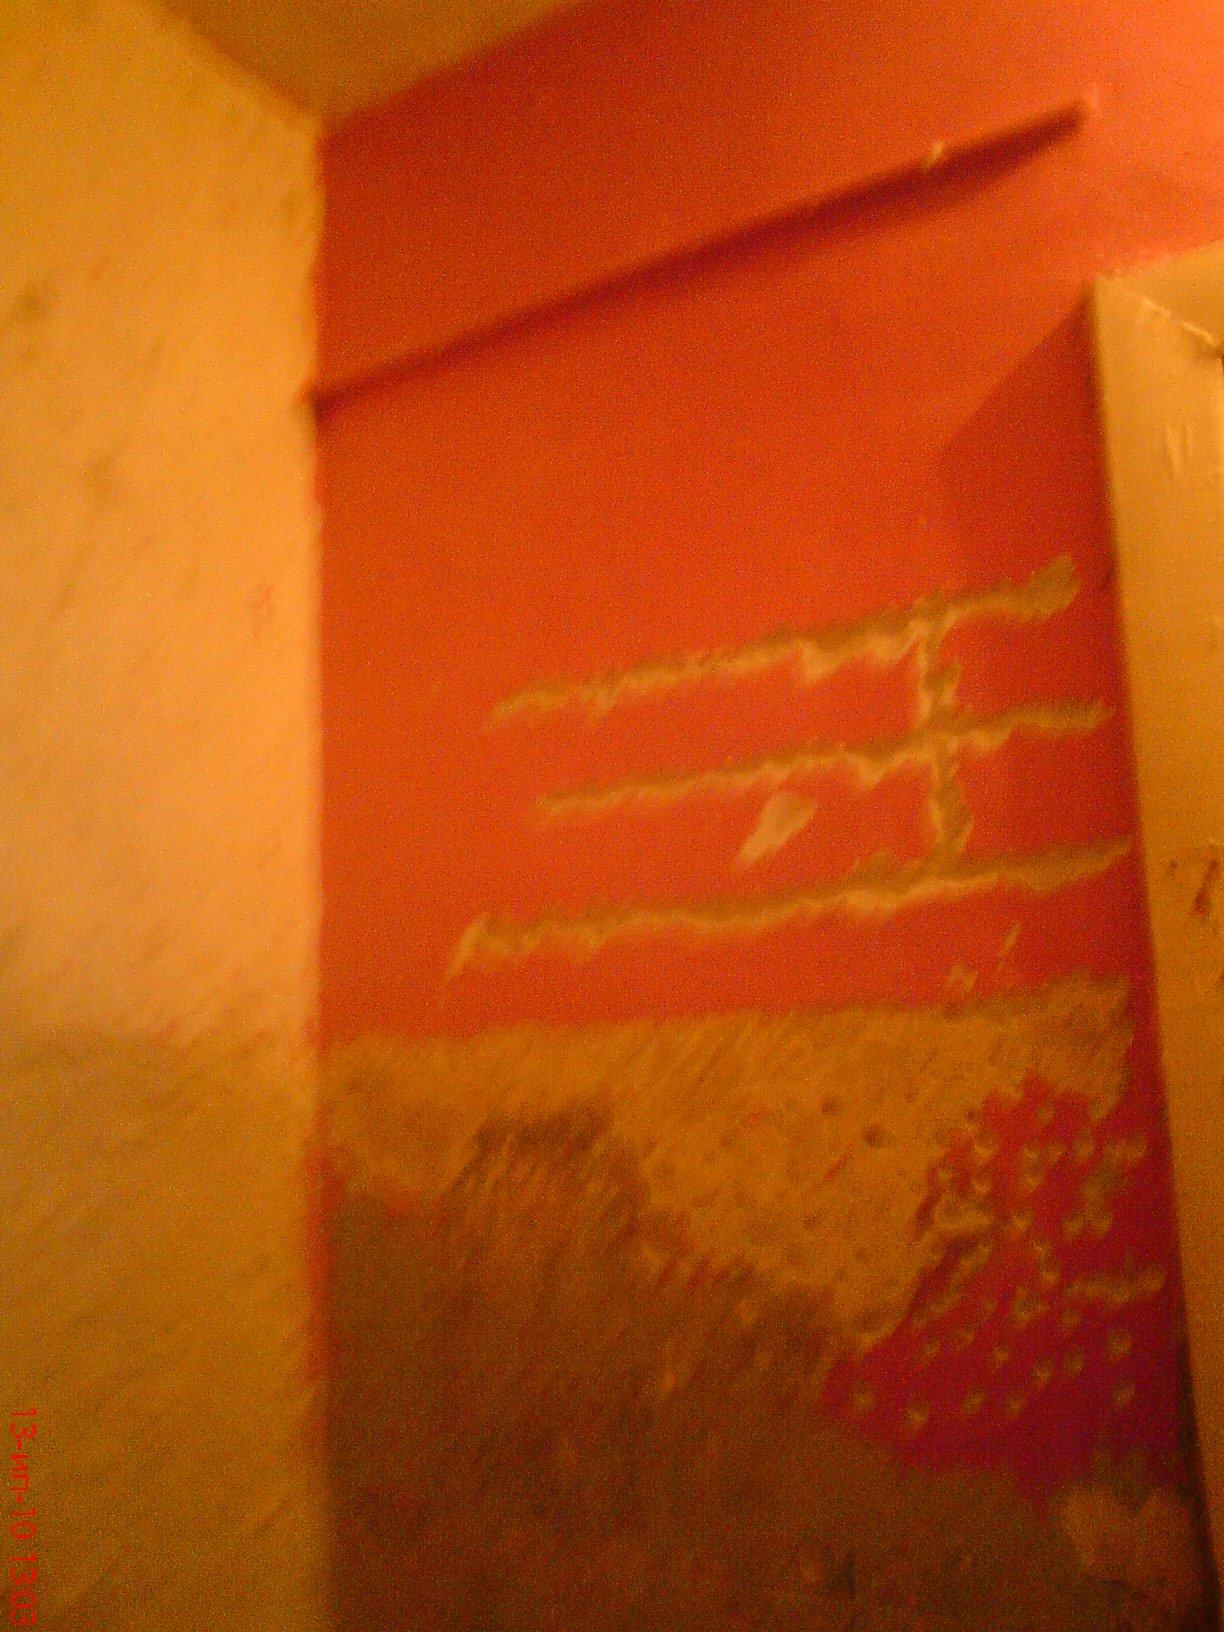 Как снять масляную краску со стены видео